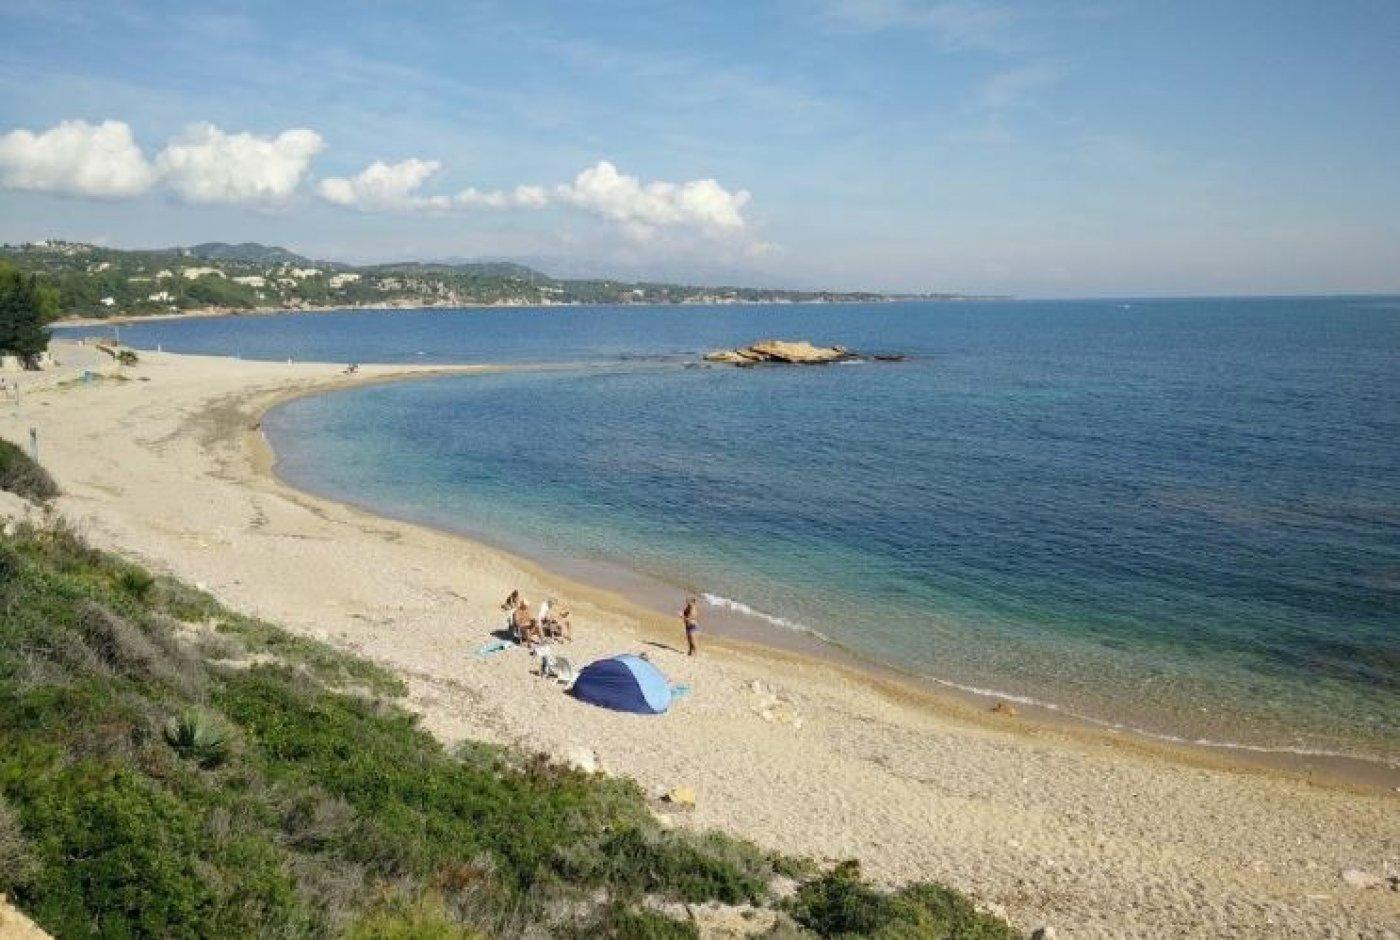 Apartamento en el Perelló Playa. Al lado de las playas de Cap Roig en L'Ampolla. Para entrar y disfrutar cerca del mar. Magníficas vistas al mar y a las playas de El Perelló y L'Ampolla. Ubicación privilegiada en el entorno del Parque Natural del Delta del Ebro y junto a los puertos de Tortosa-Beseit. Ideal para los amantes de las actividades marinas, fluviales y de montaña (pesca, kayak, submarinismo, senderismo y muchas actividades más). Tiene una superficie de 55 m2, terraza de 6 m2 con vistas al jardín, piscina y solarium comunitarios. Dispone de plaza de parking y dos ascensores.~ ~ *El precio no incluye los impuestos ni los gastos derivados de la compraventa.